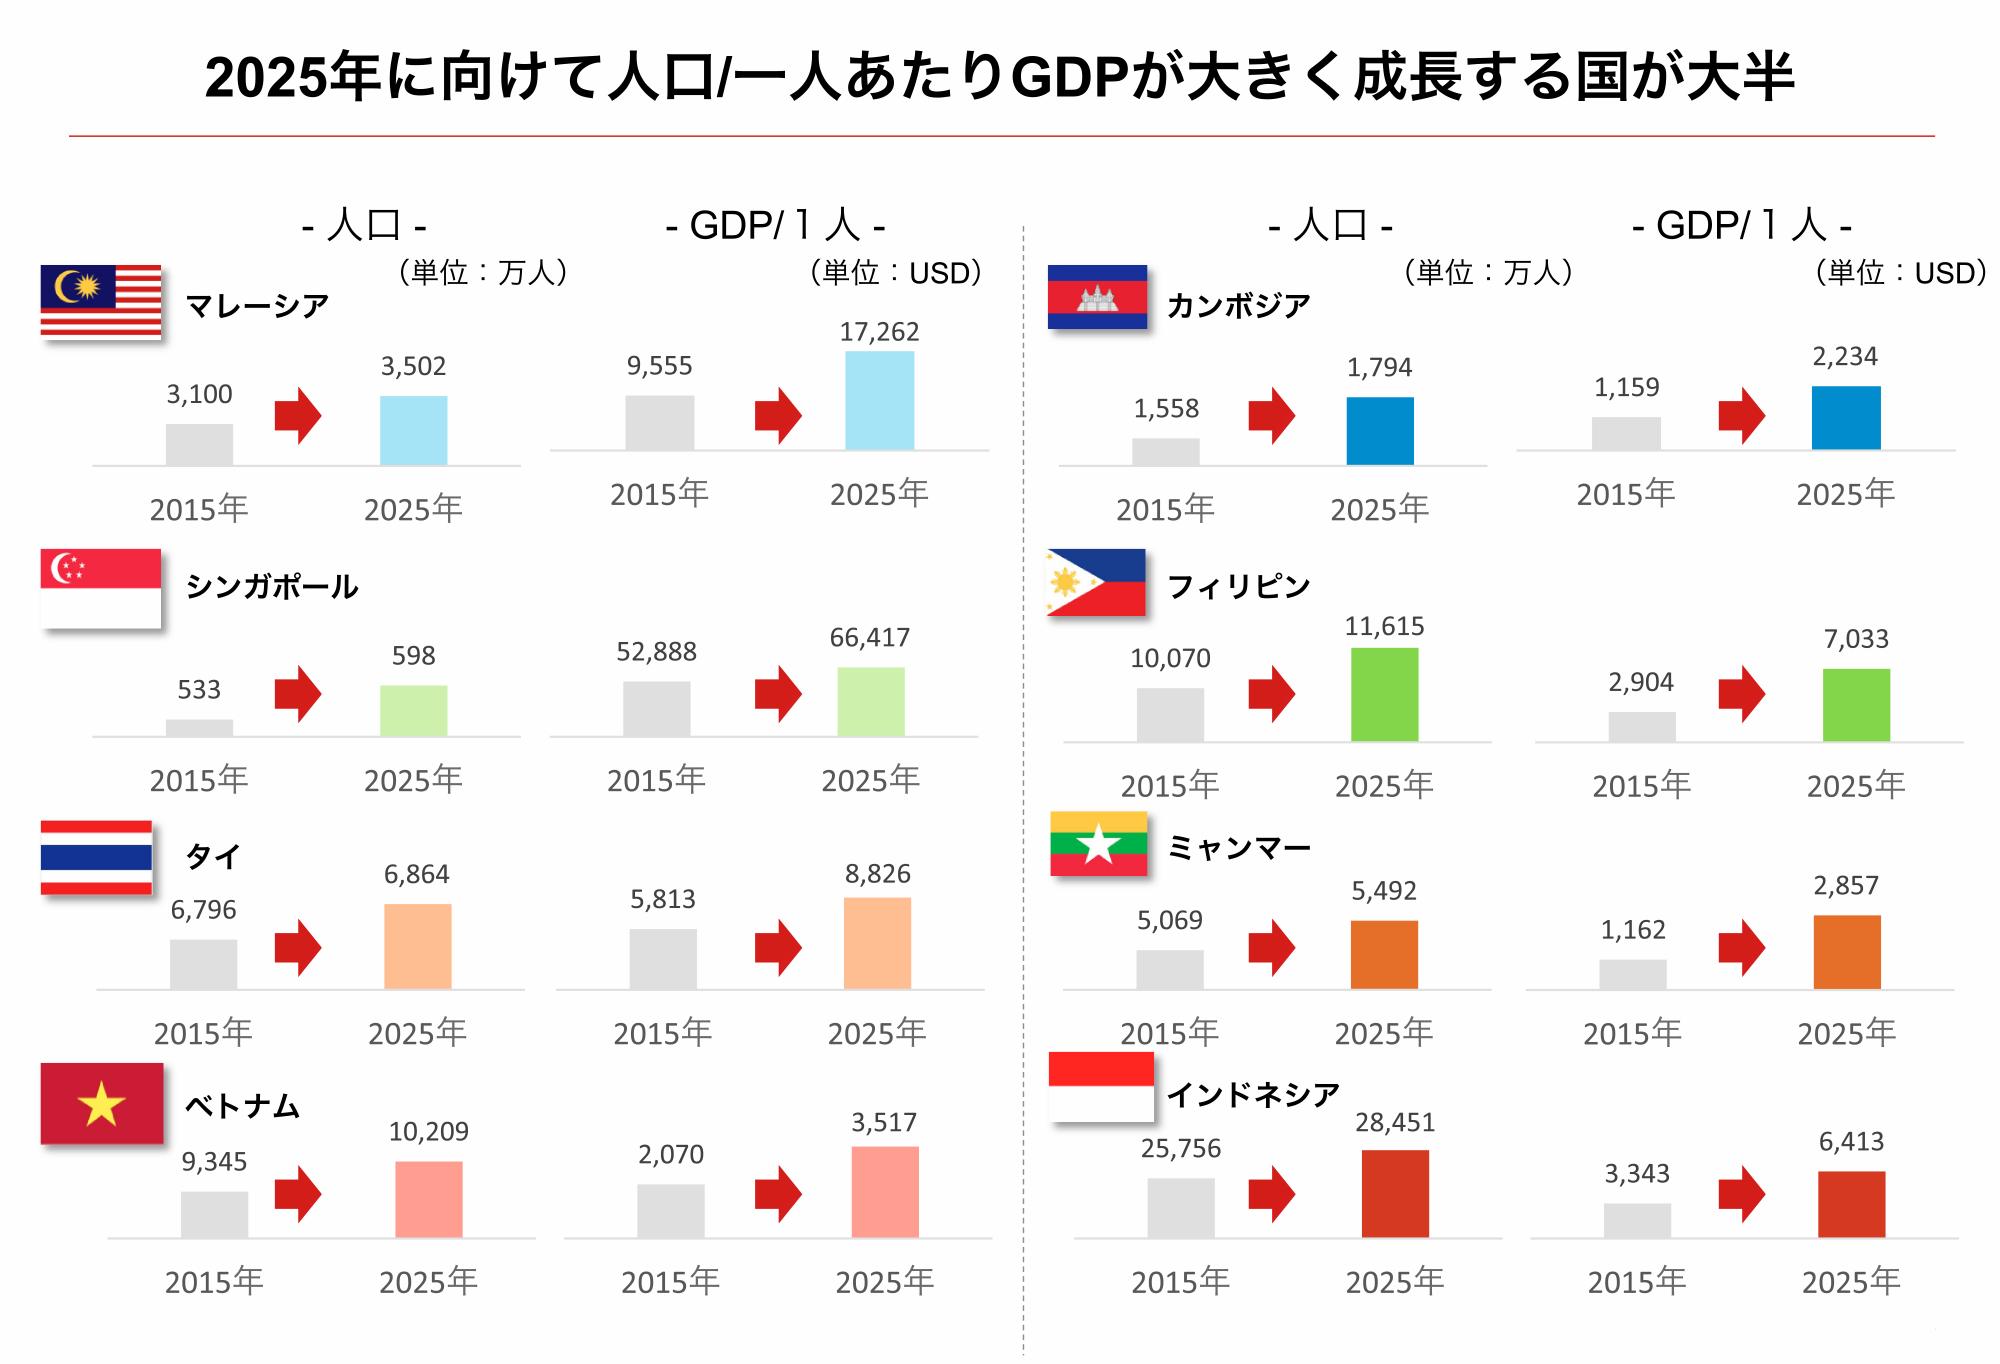 2025年にむけて人口/一人あたのGDPが大きく成長する国が大半